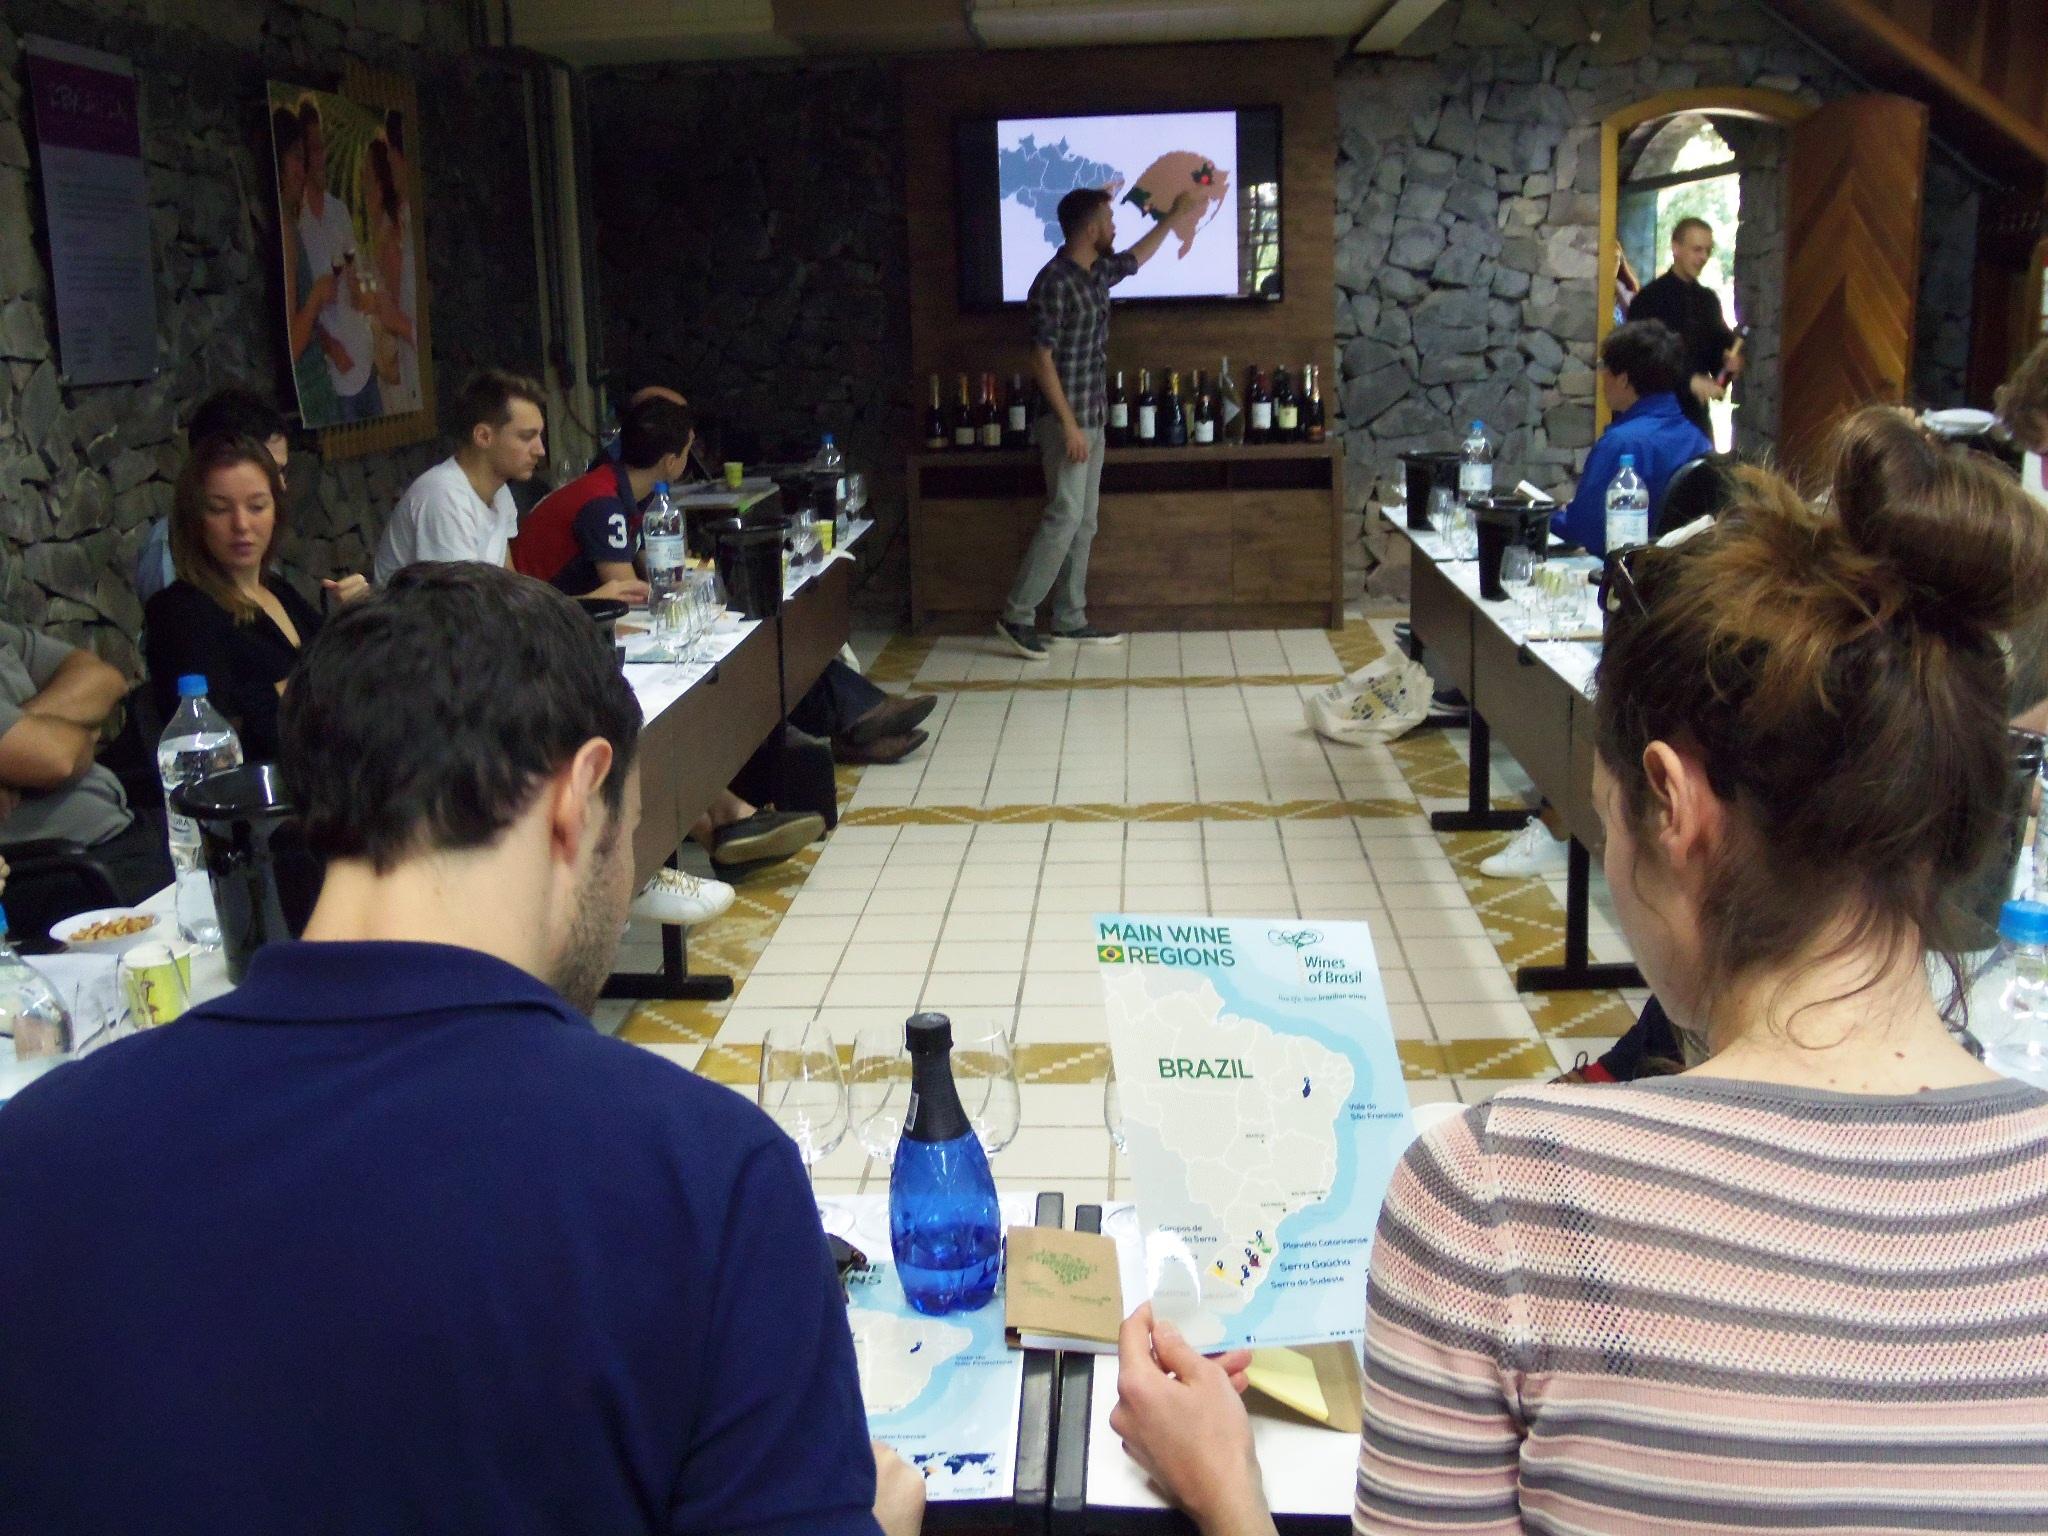 Visita OIV2 Foto Cassiano Farina.JPG